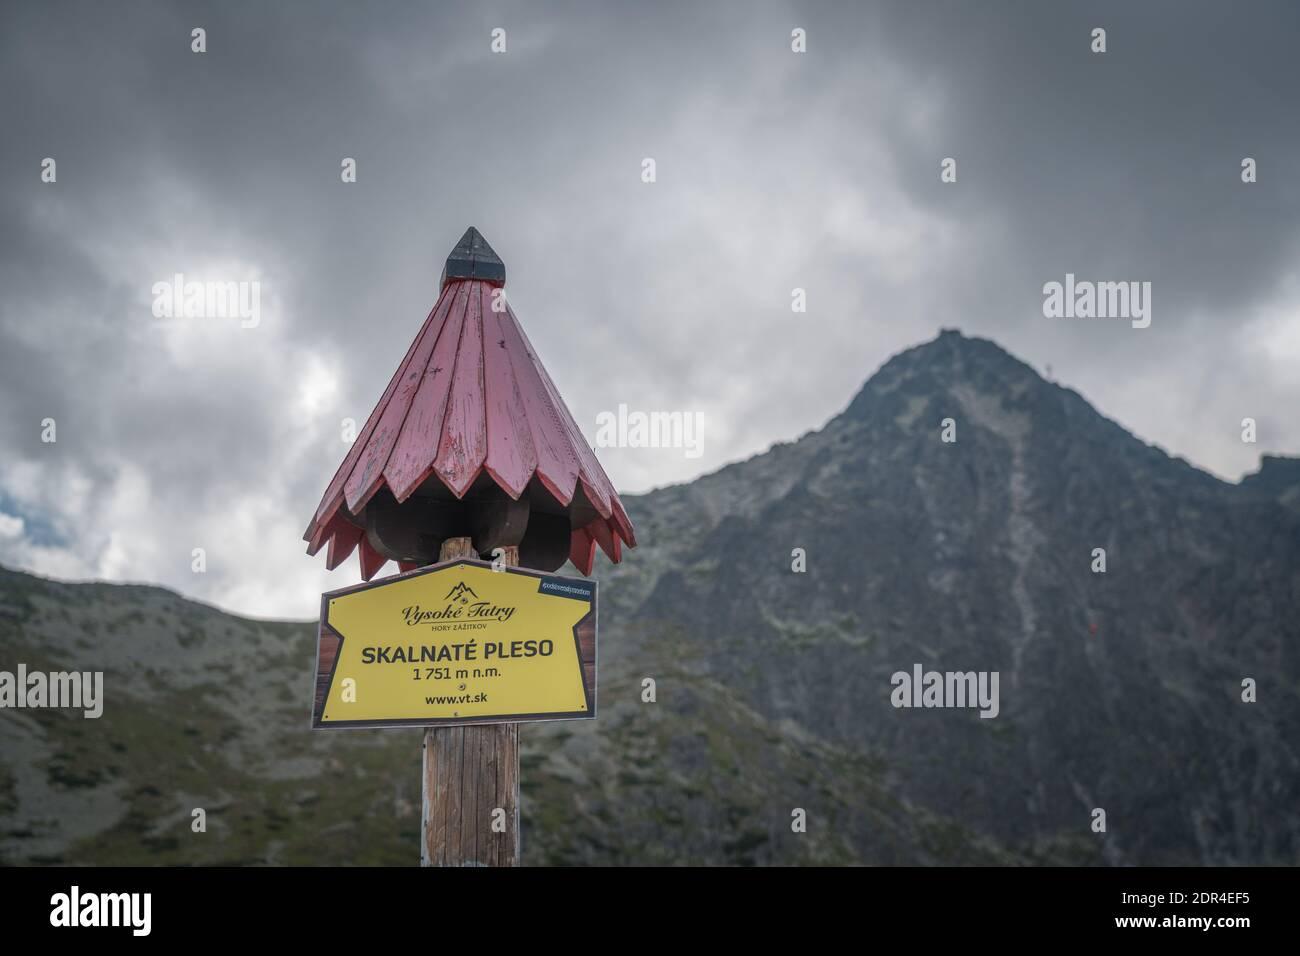 TATRANSKA LOMNICA, ESLOVAQUIA, 2020 DE AGOSTO - Skalnate pleso signo en el poste de madera con techo en Eslovaquia. Es un lago situado en las altas montañas de Tatras Foto de stock